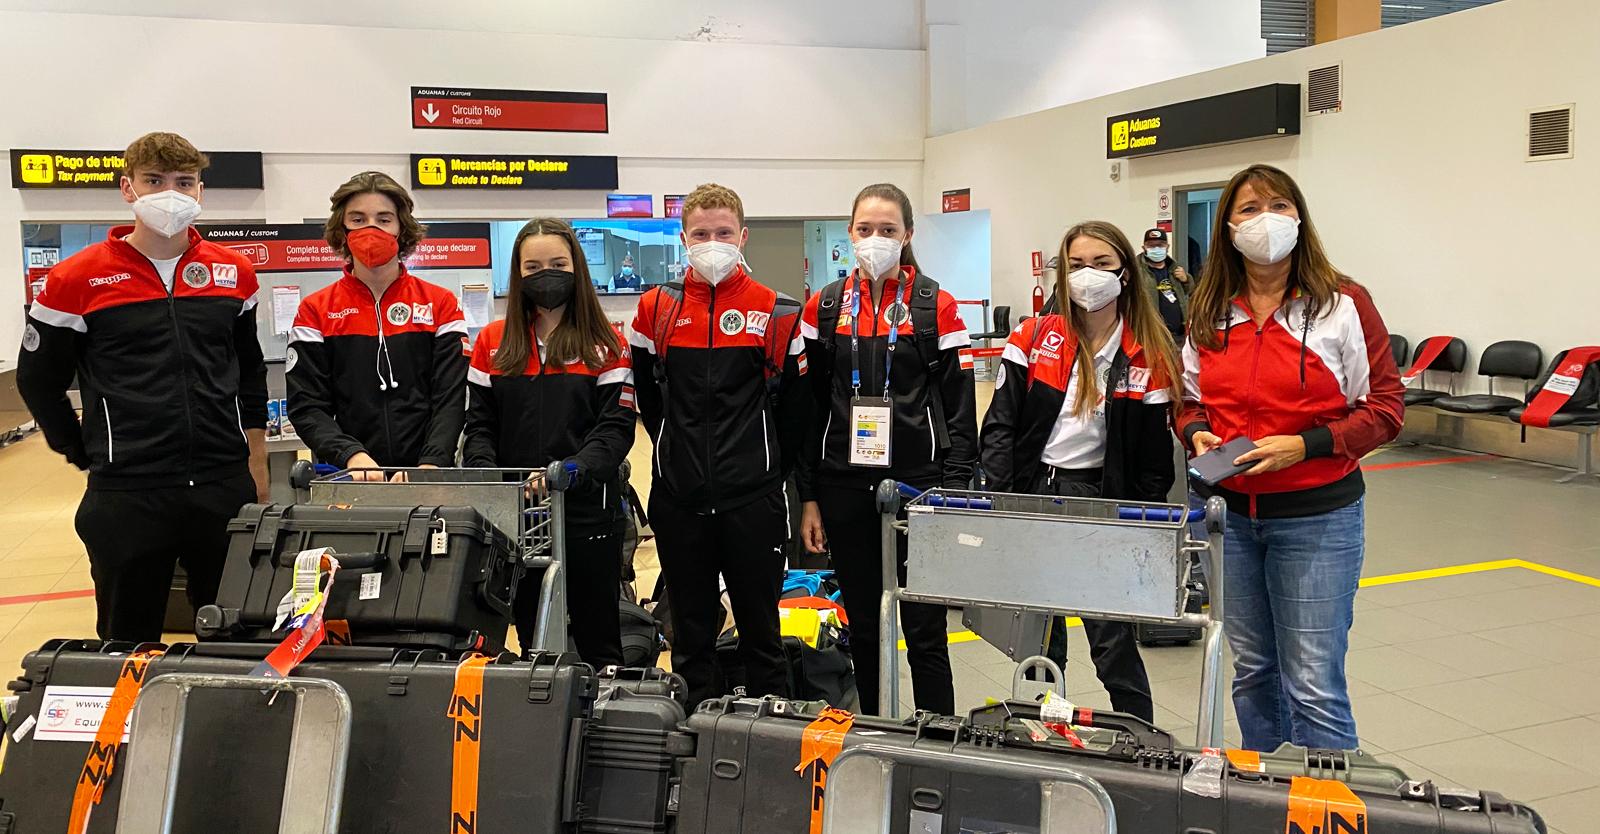 Die Erleichterung ist groß: Nun kann das ÖSB-Team, zwar verspätet, aber doch noch bei der Junioren-Weltmeisterschaft in Lima mitmischen © Christian Planer, ÖSB